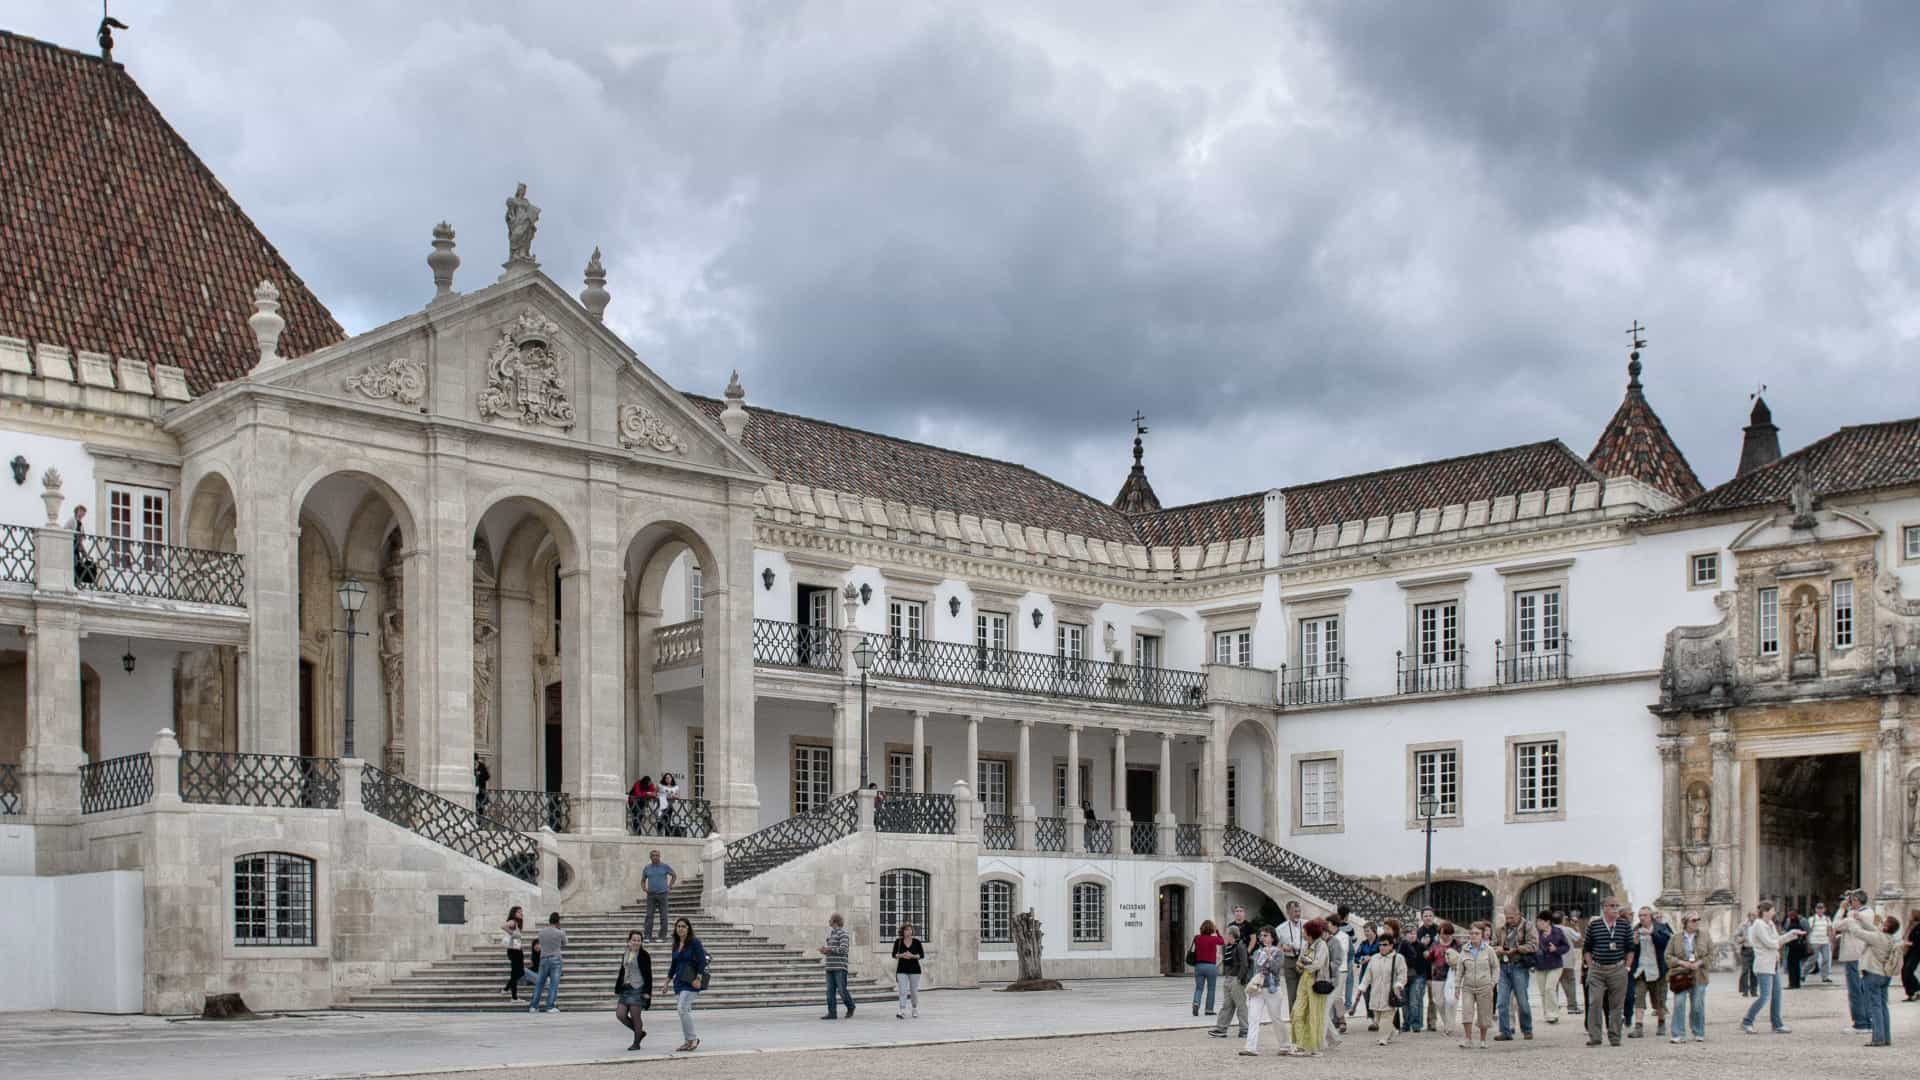 Bolseiros da Universidade de Coimbra voltam a denunciar precariedade